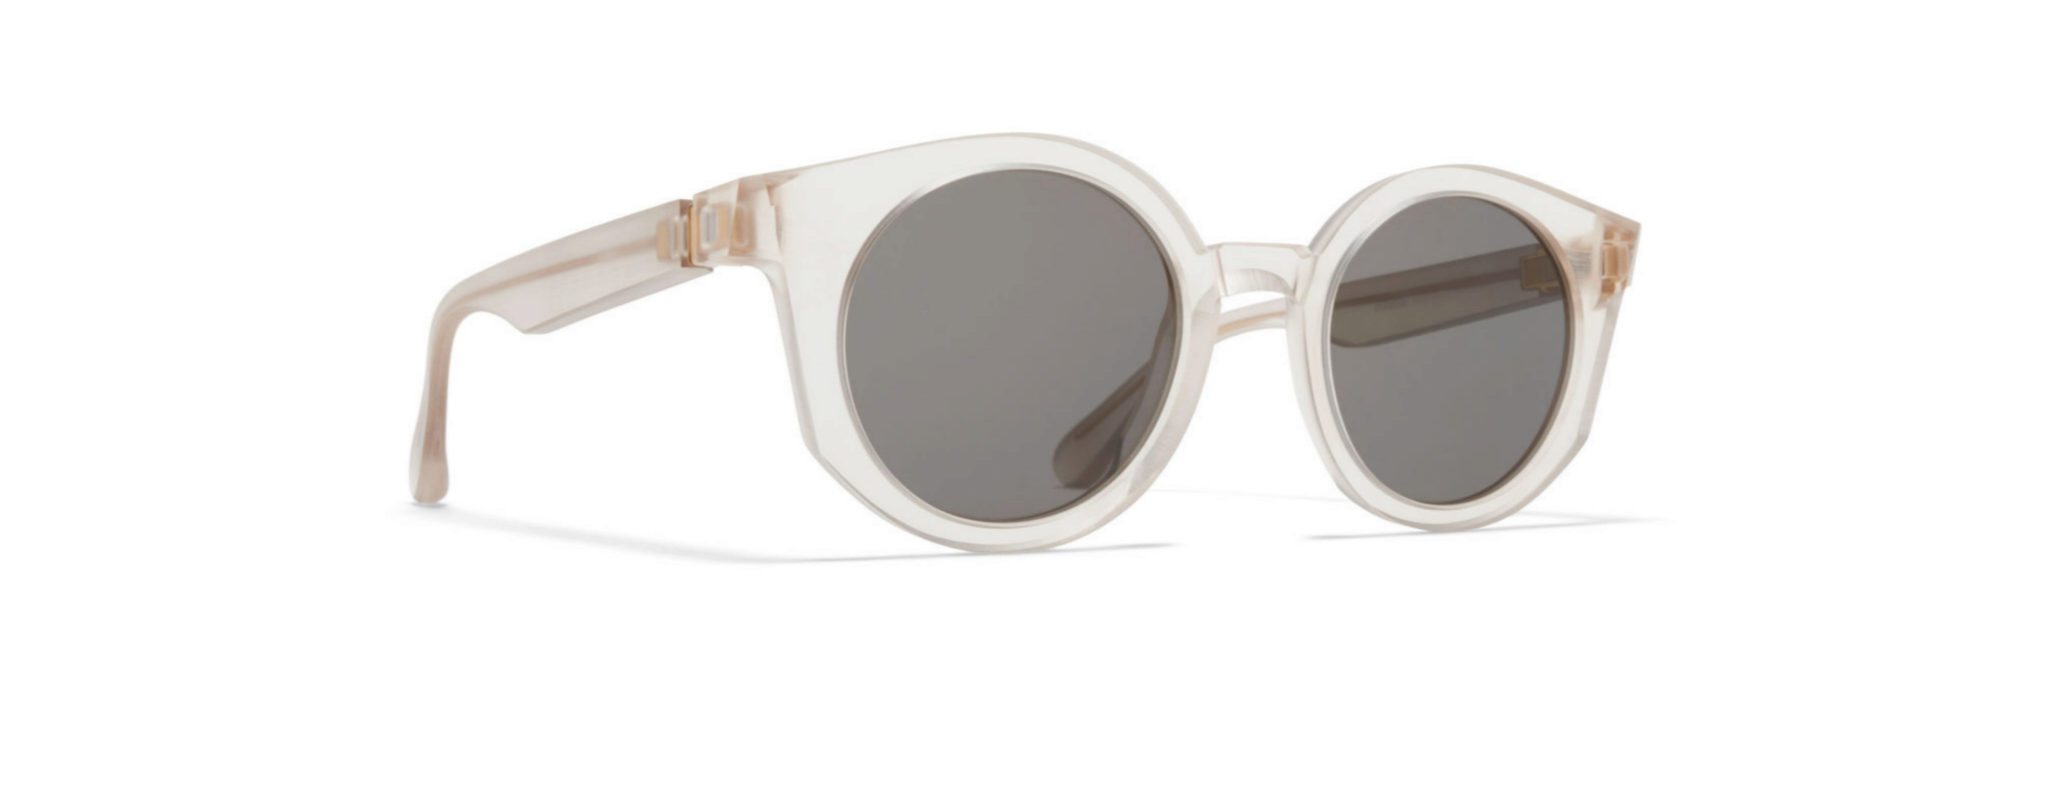 Gafas de pasta transparente de MIKITA, de la colaboración con Maison...